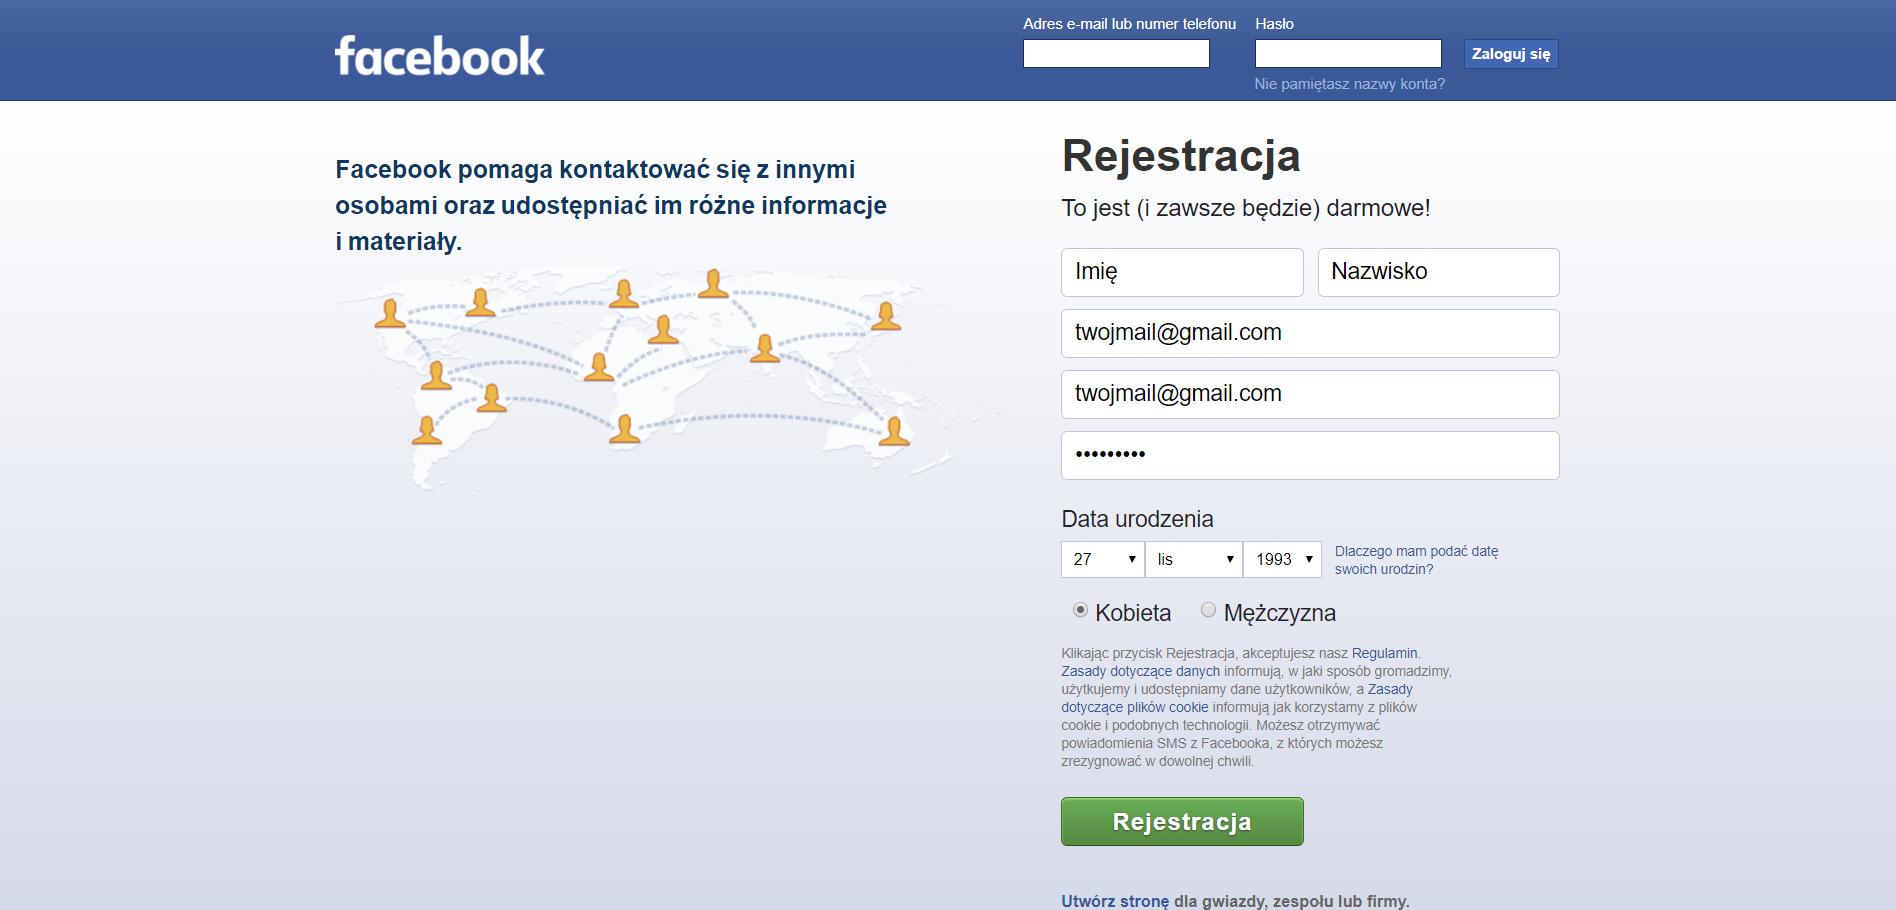 ekran poczatkowy facebook